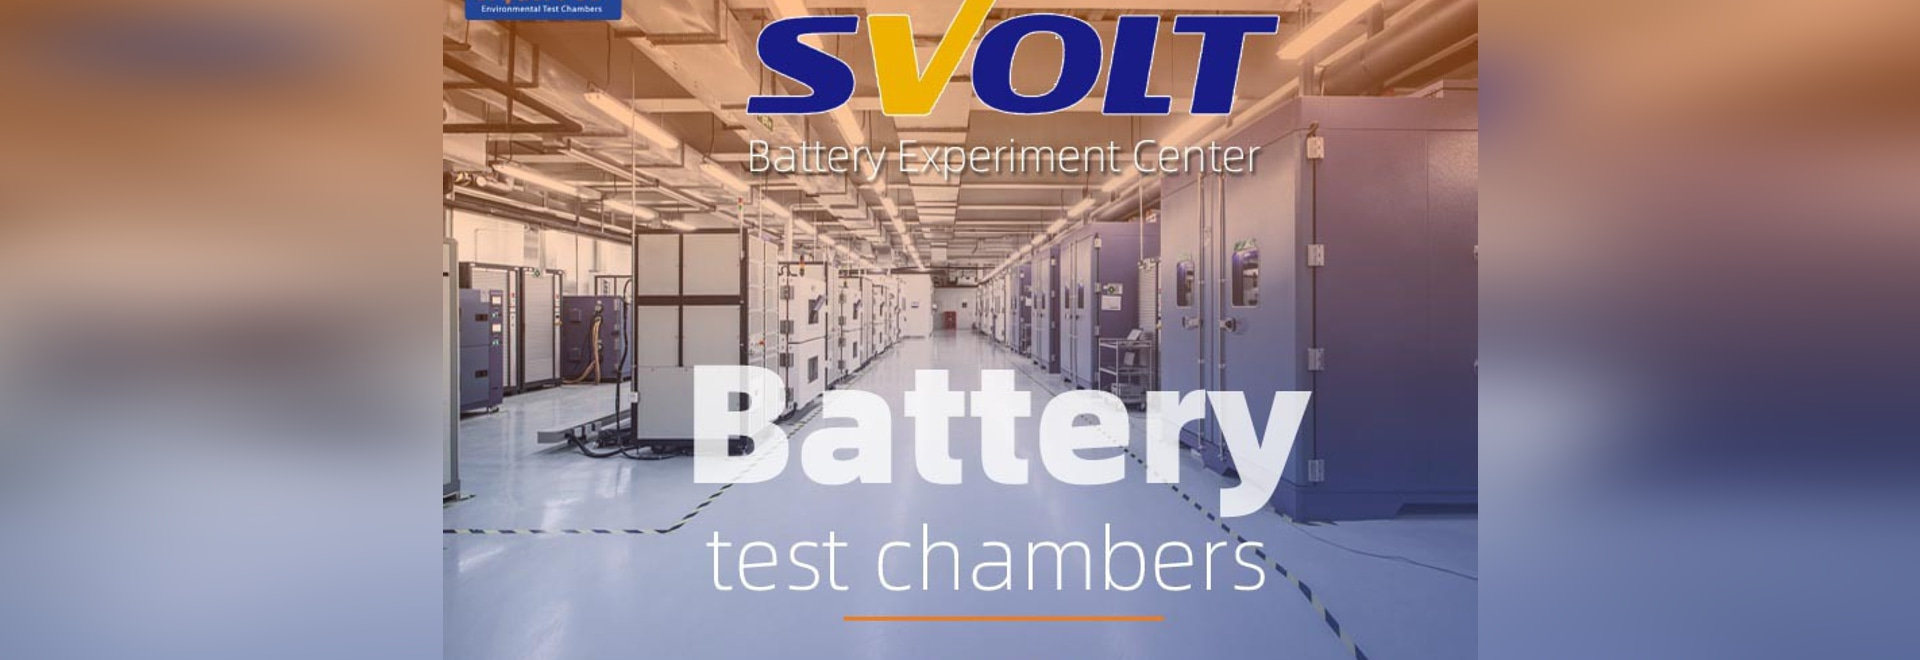 Chambre d'essai de sécurité de la batterie Li-Ion de Sanwood à l'SVOLT